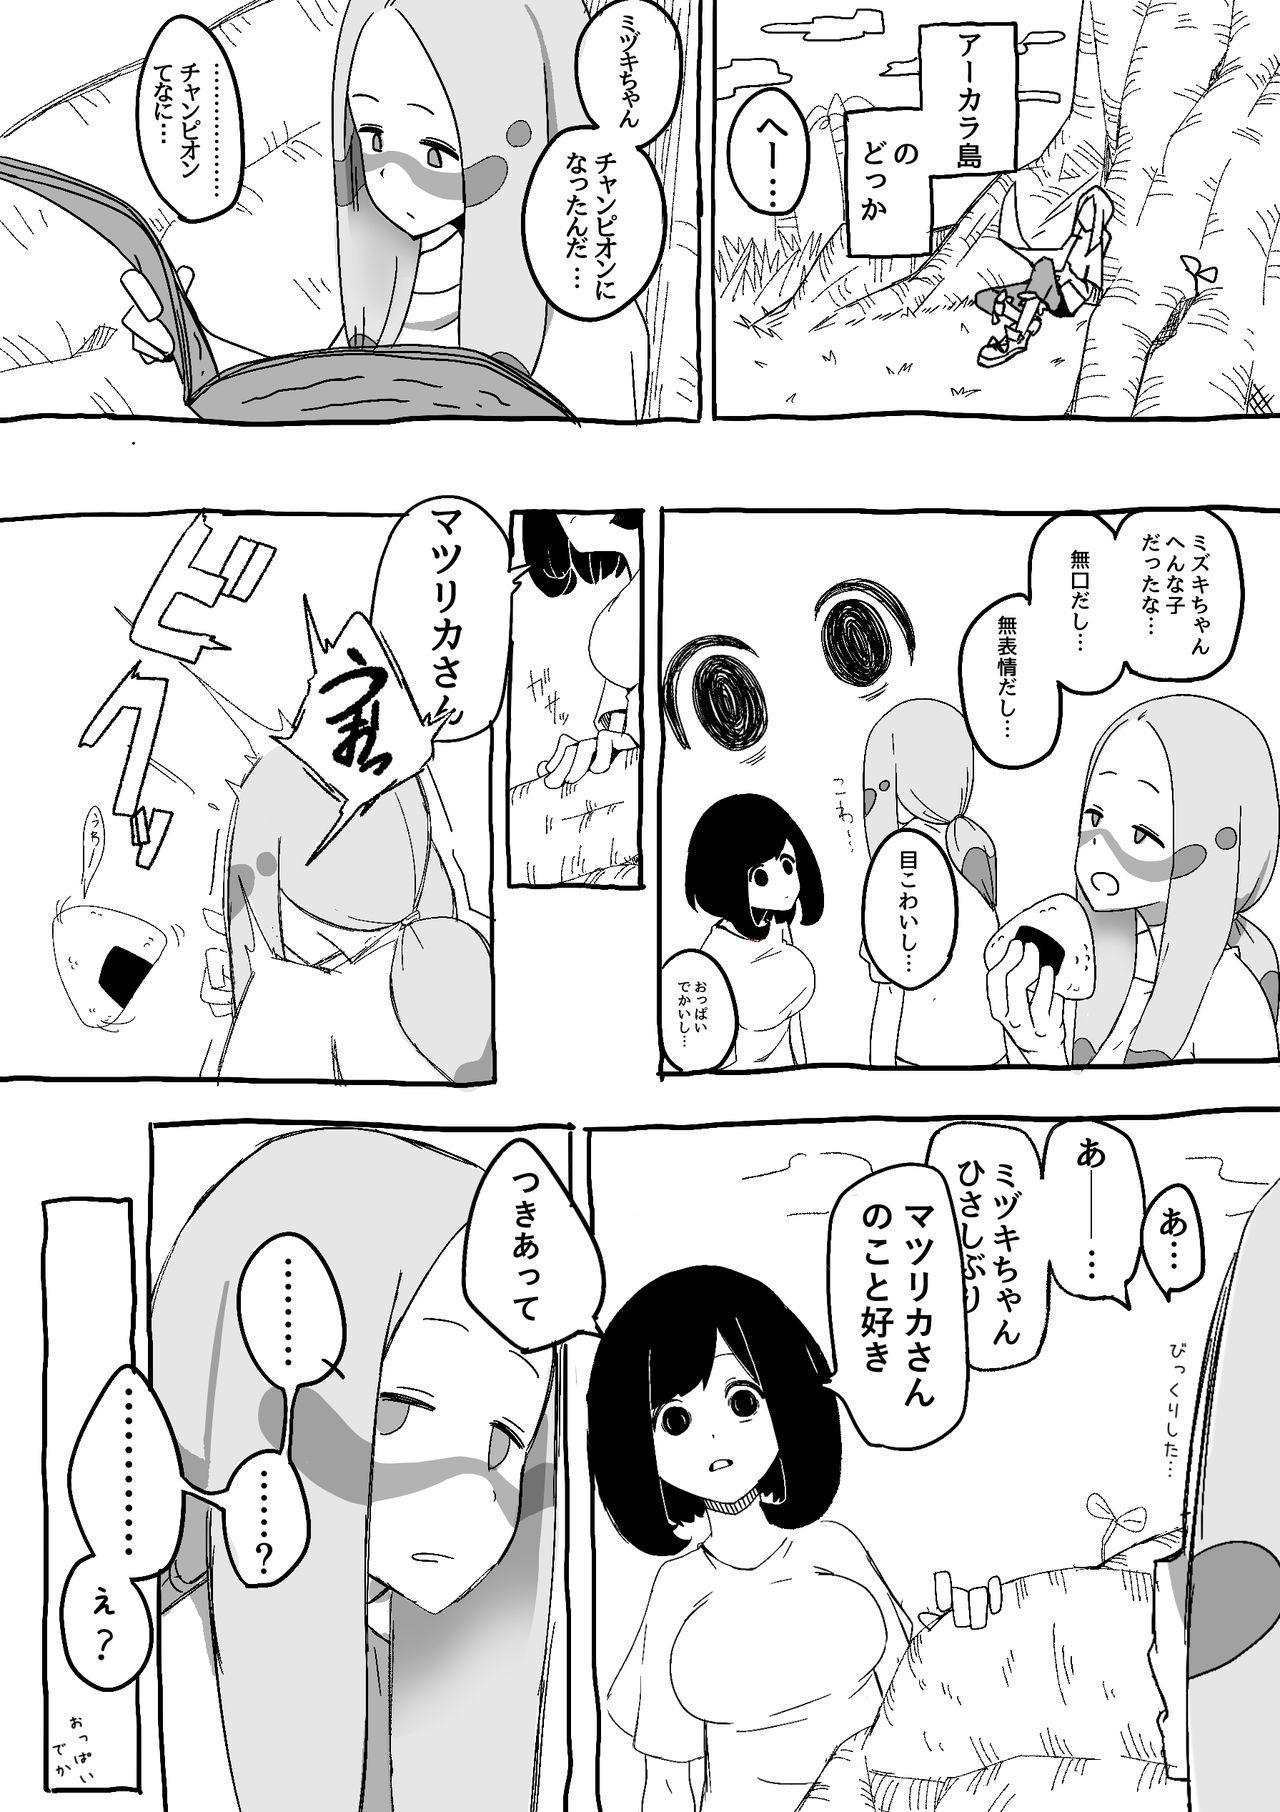 Matsumizu 0